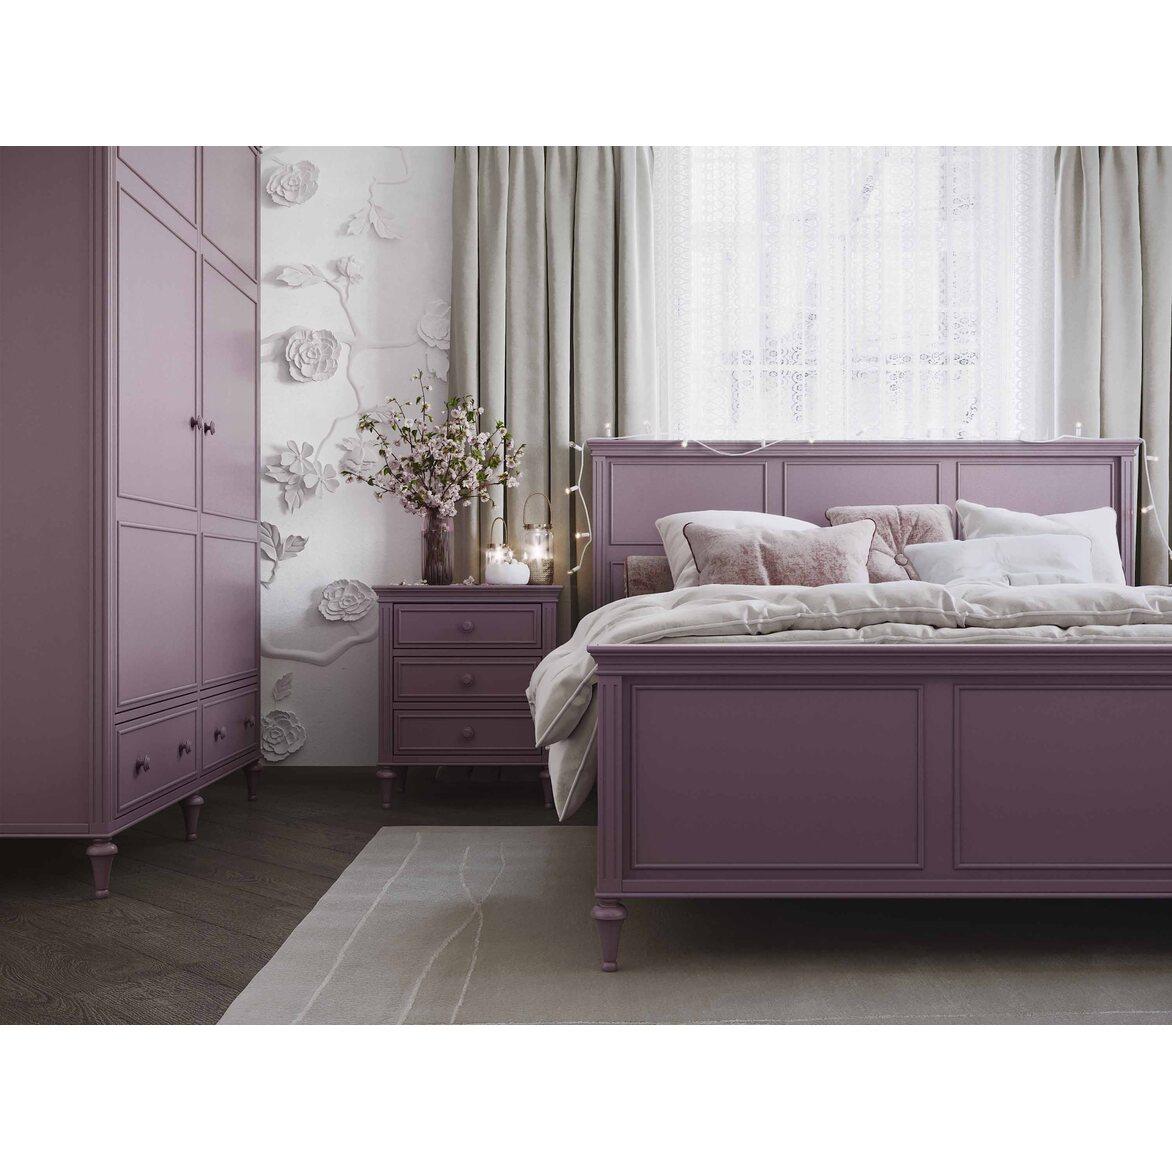 Кровать 180*200 Riverdi, орхидея, с изножьем 5 | Двуспальные кровати Kingsby